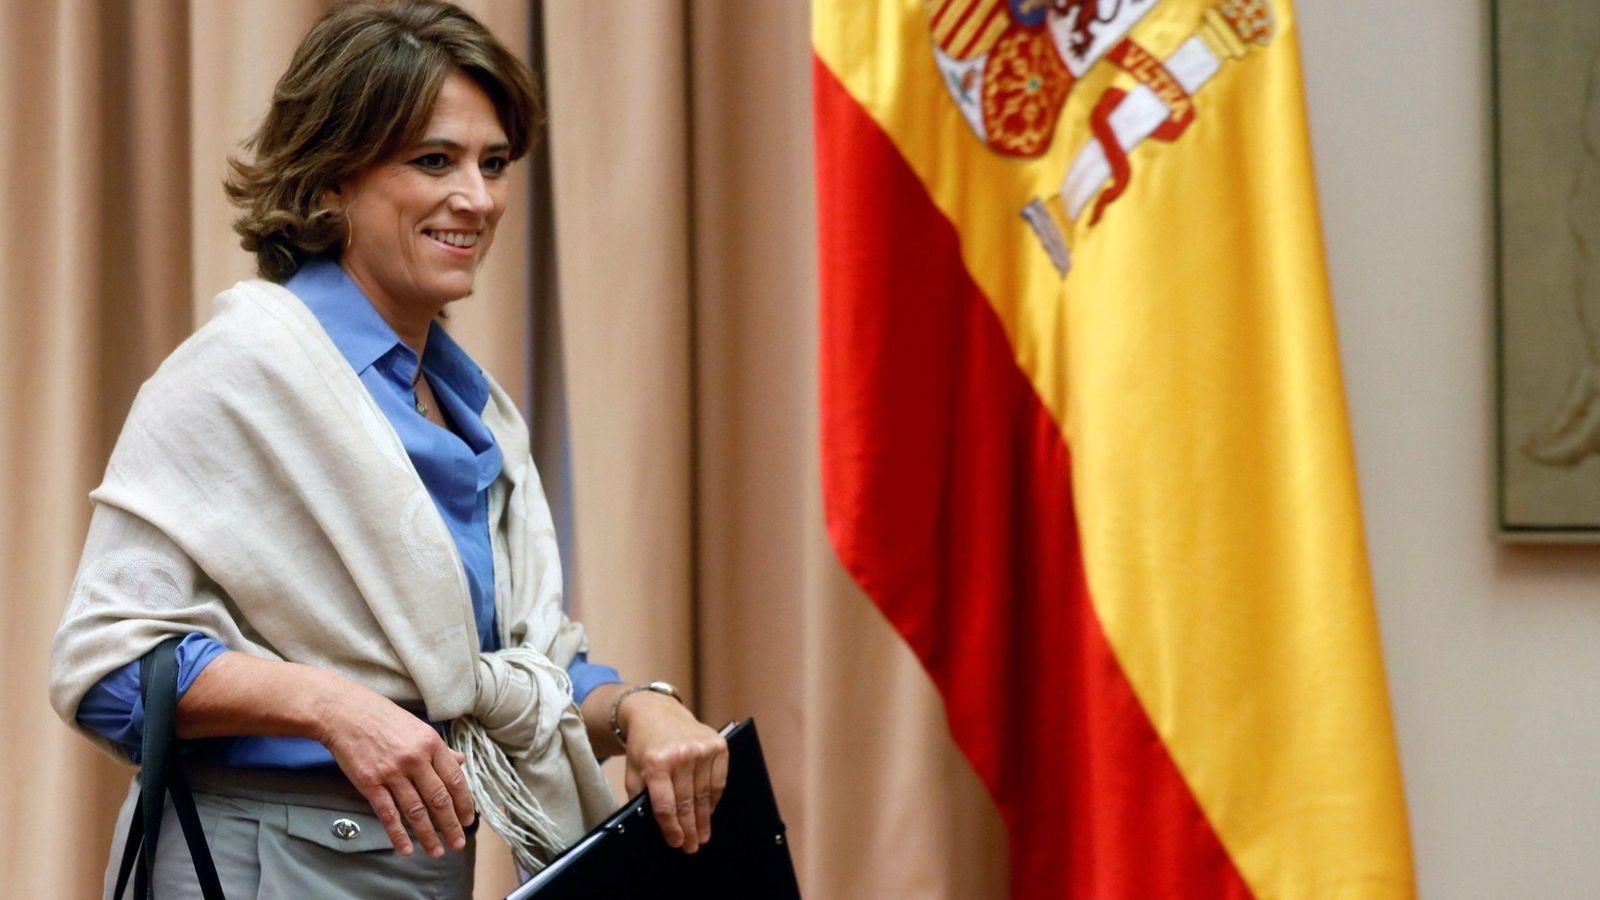 Foto: Dolores Delgado, el pasado 11 de septiembre, a su llegada a la comisión de Justicia del Congreso. (EFE)